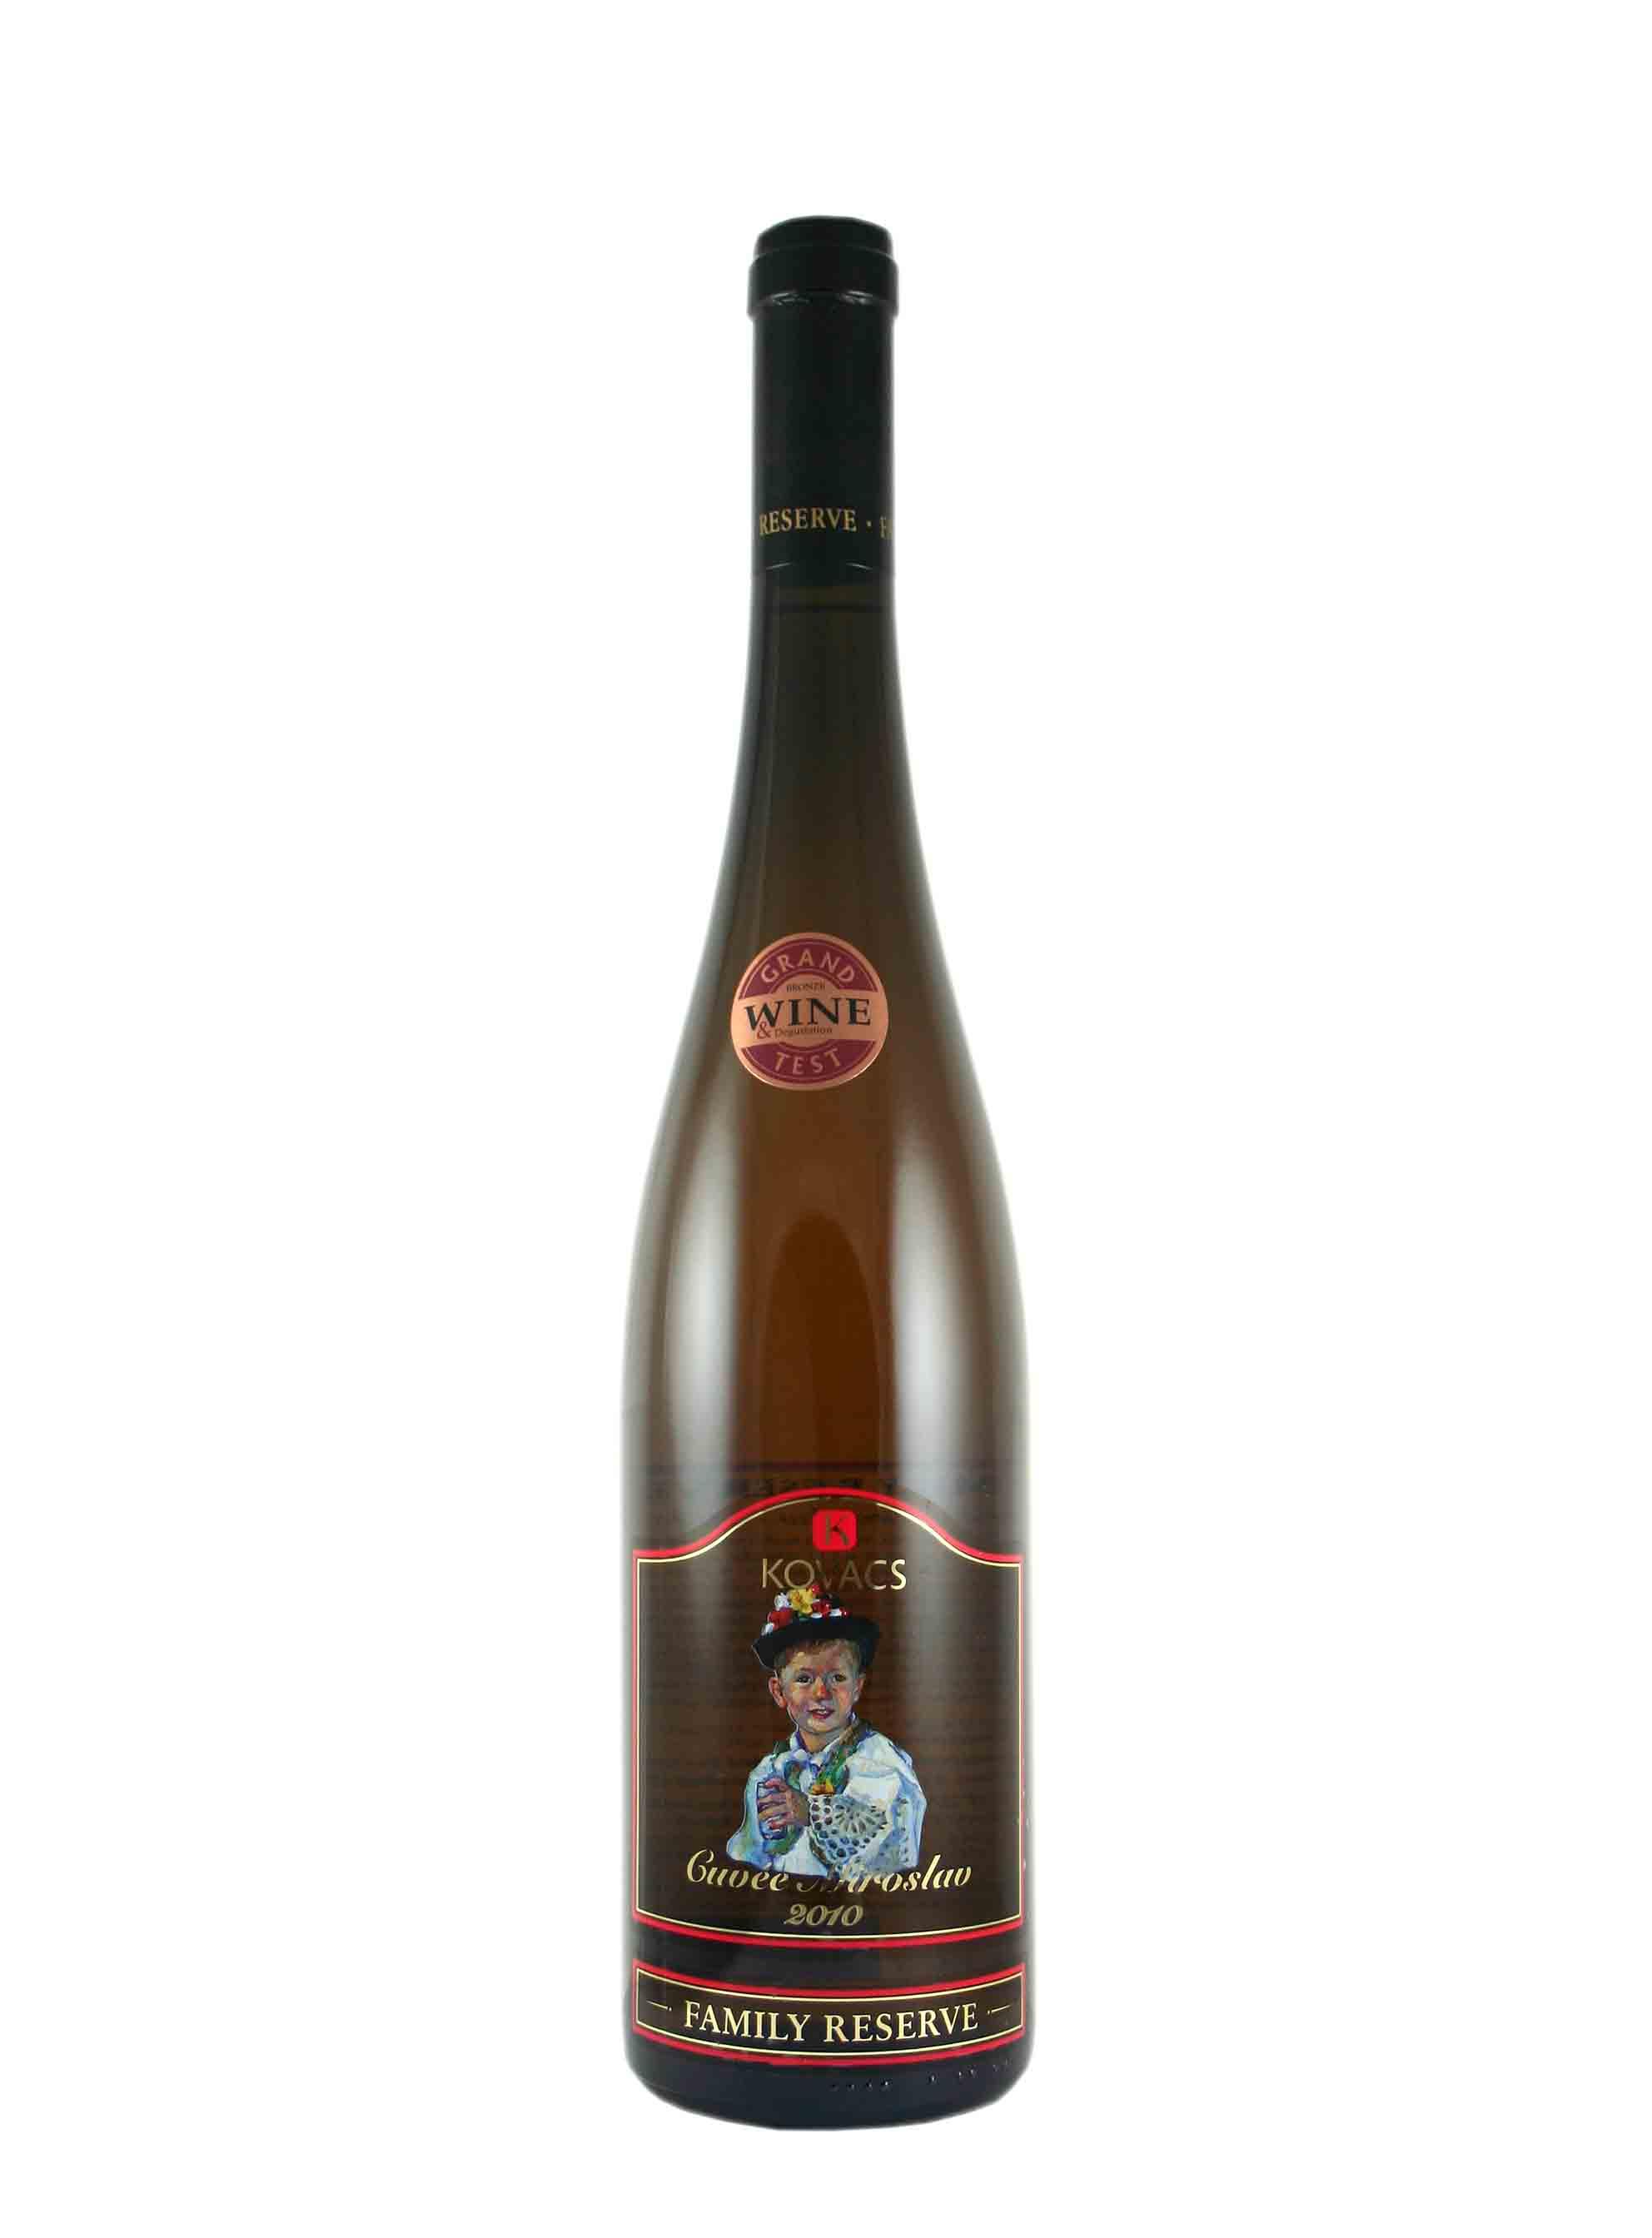 Cuvée, Family reserve, Pozdní sběr, 2010, Vinařství Kovacs, 0.75 l